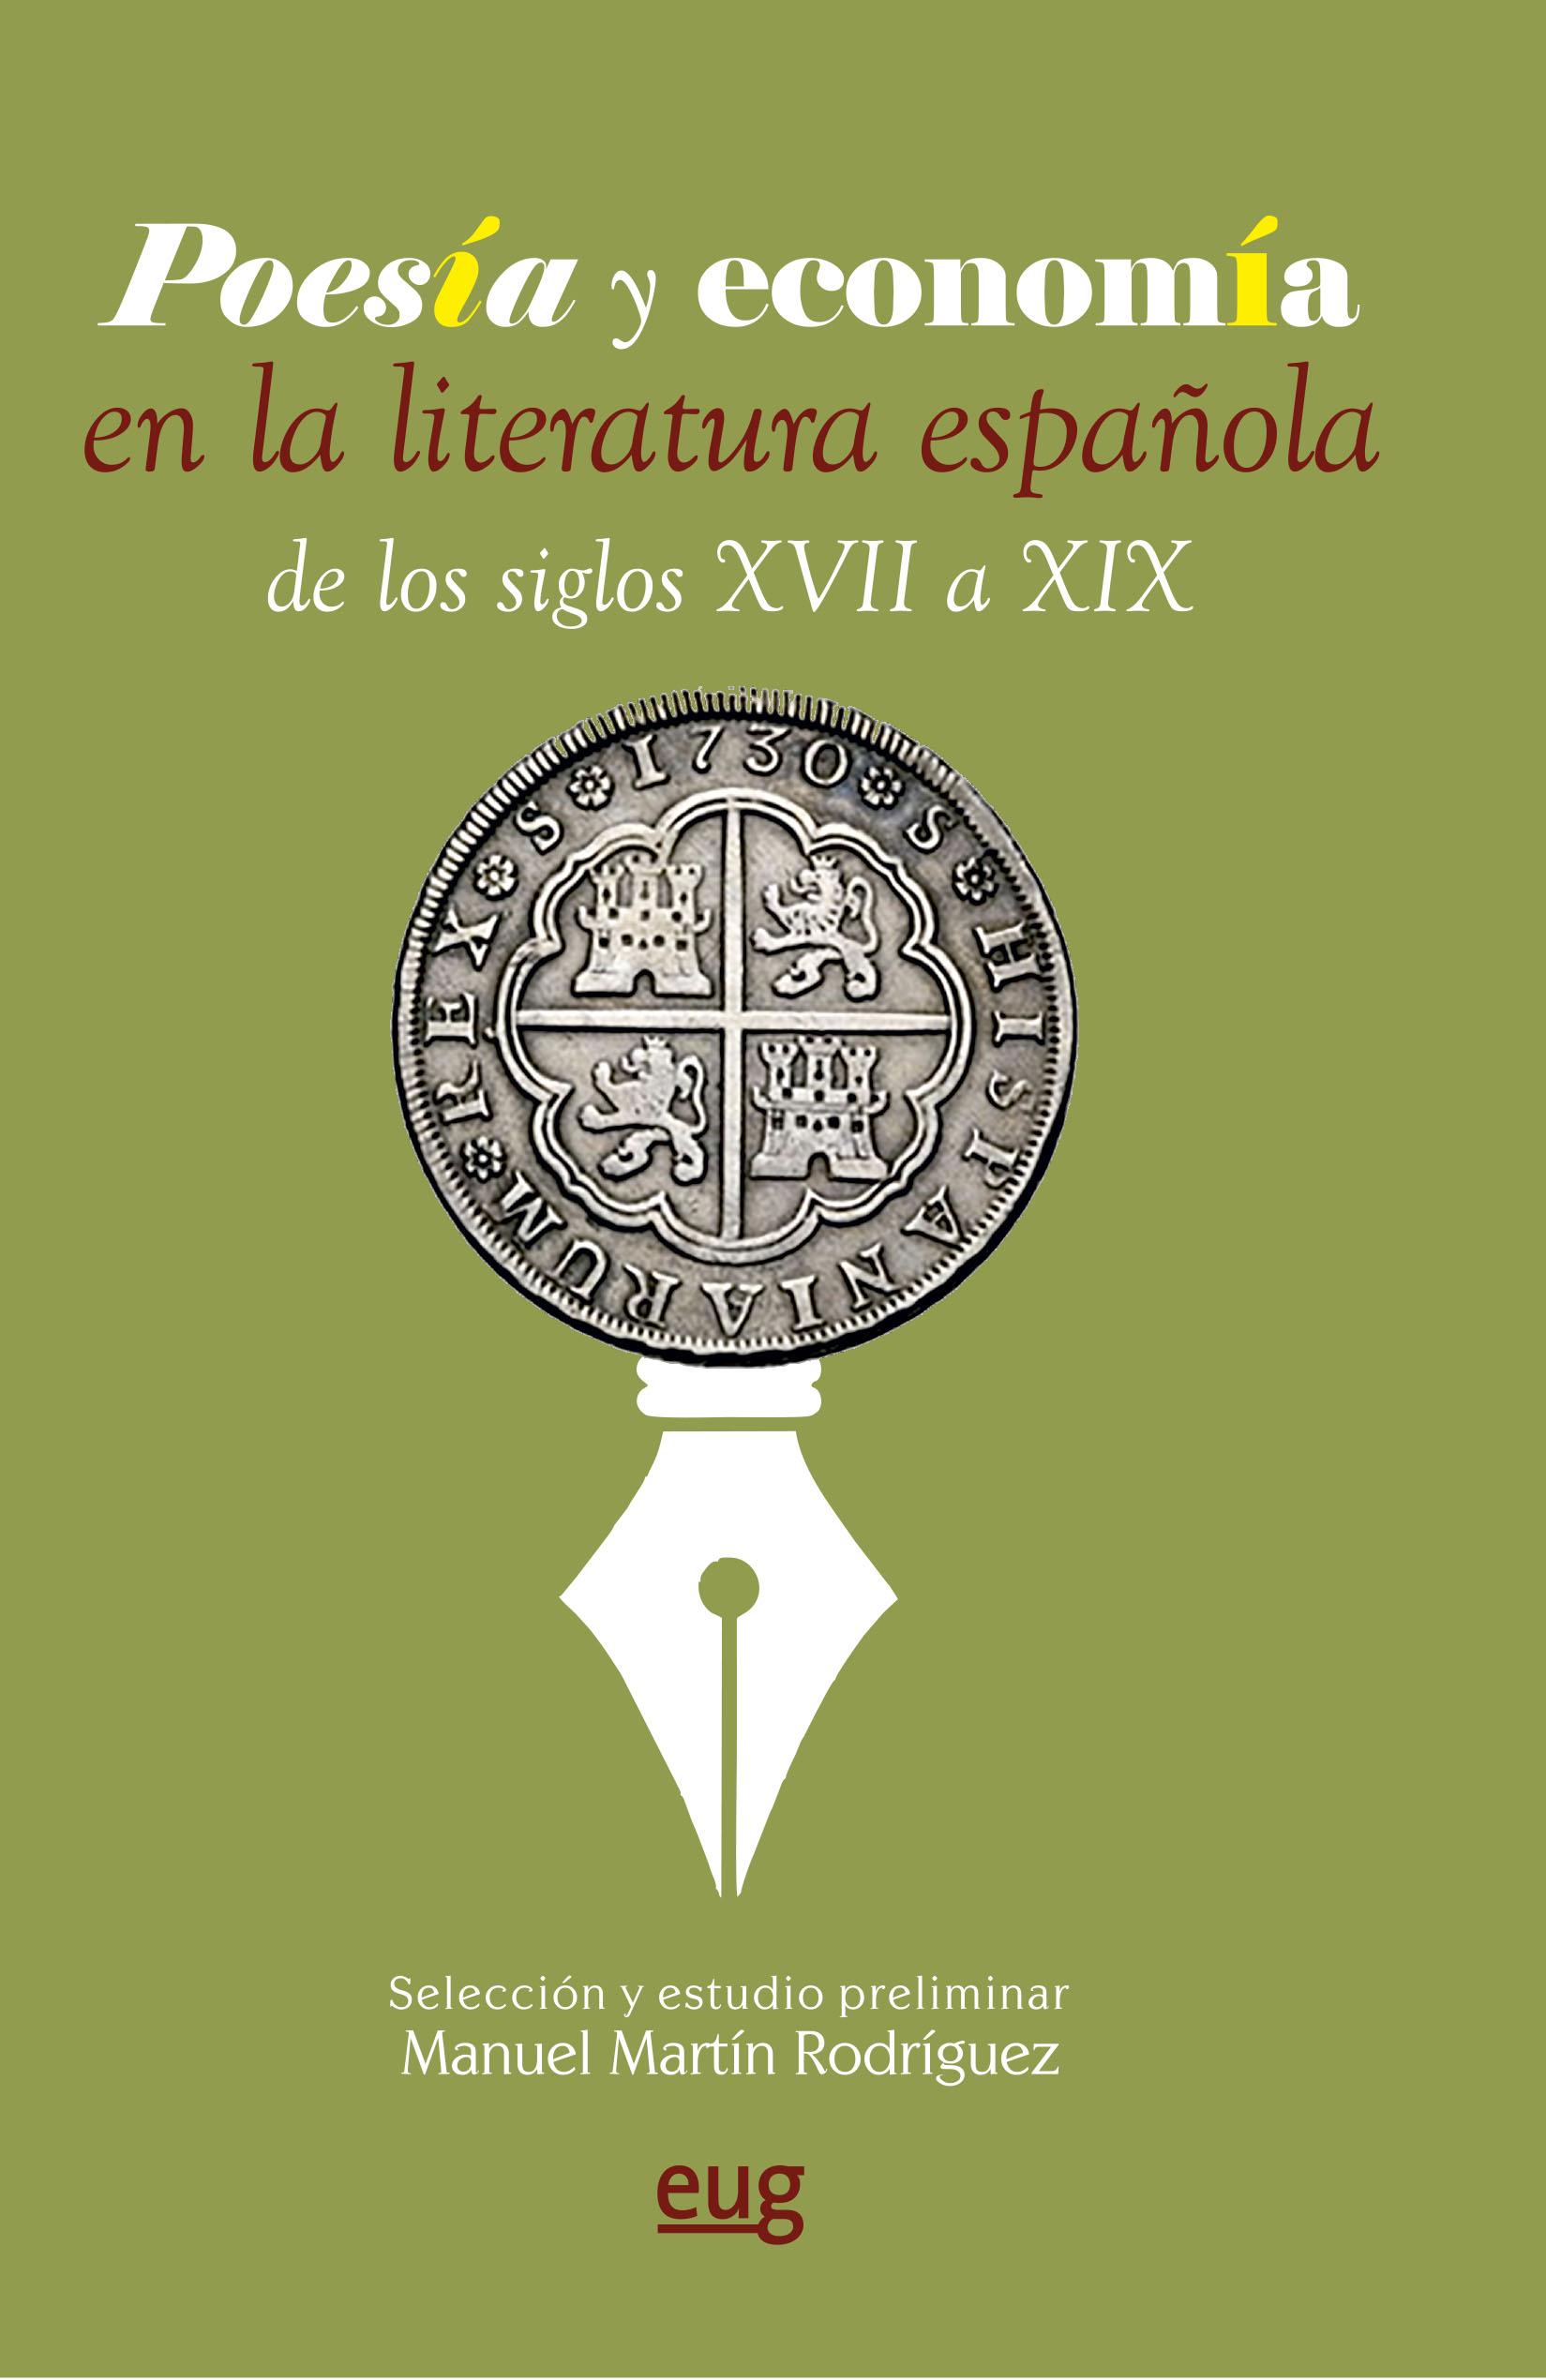 'Poesía y economía en la literatura española de los siglos XVII a XIX', libro del mes de abril de la Editorial Universidad de Granada